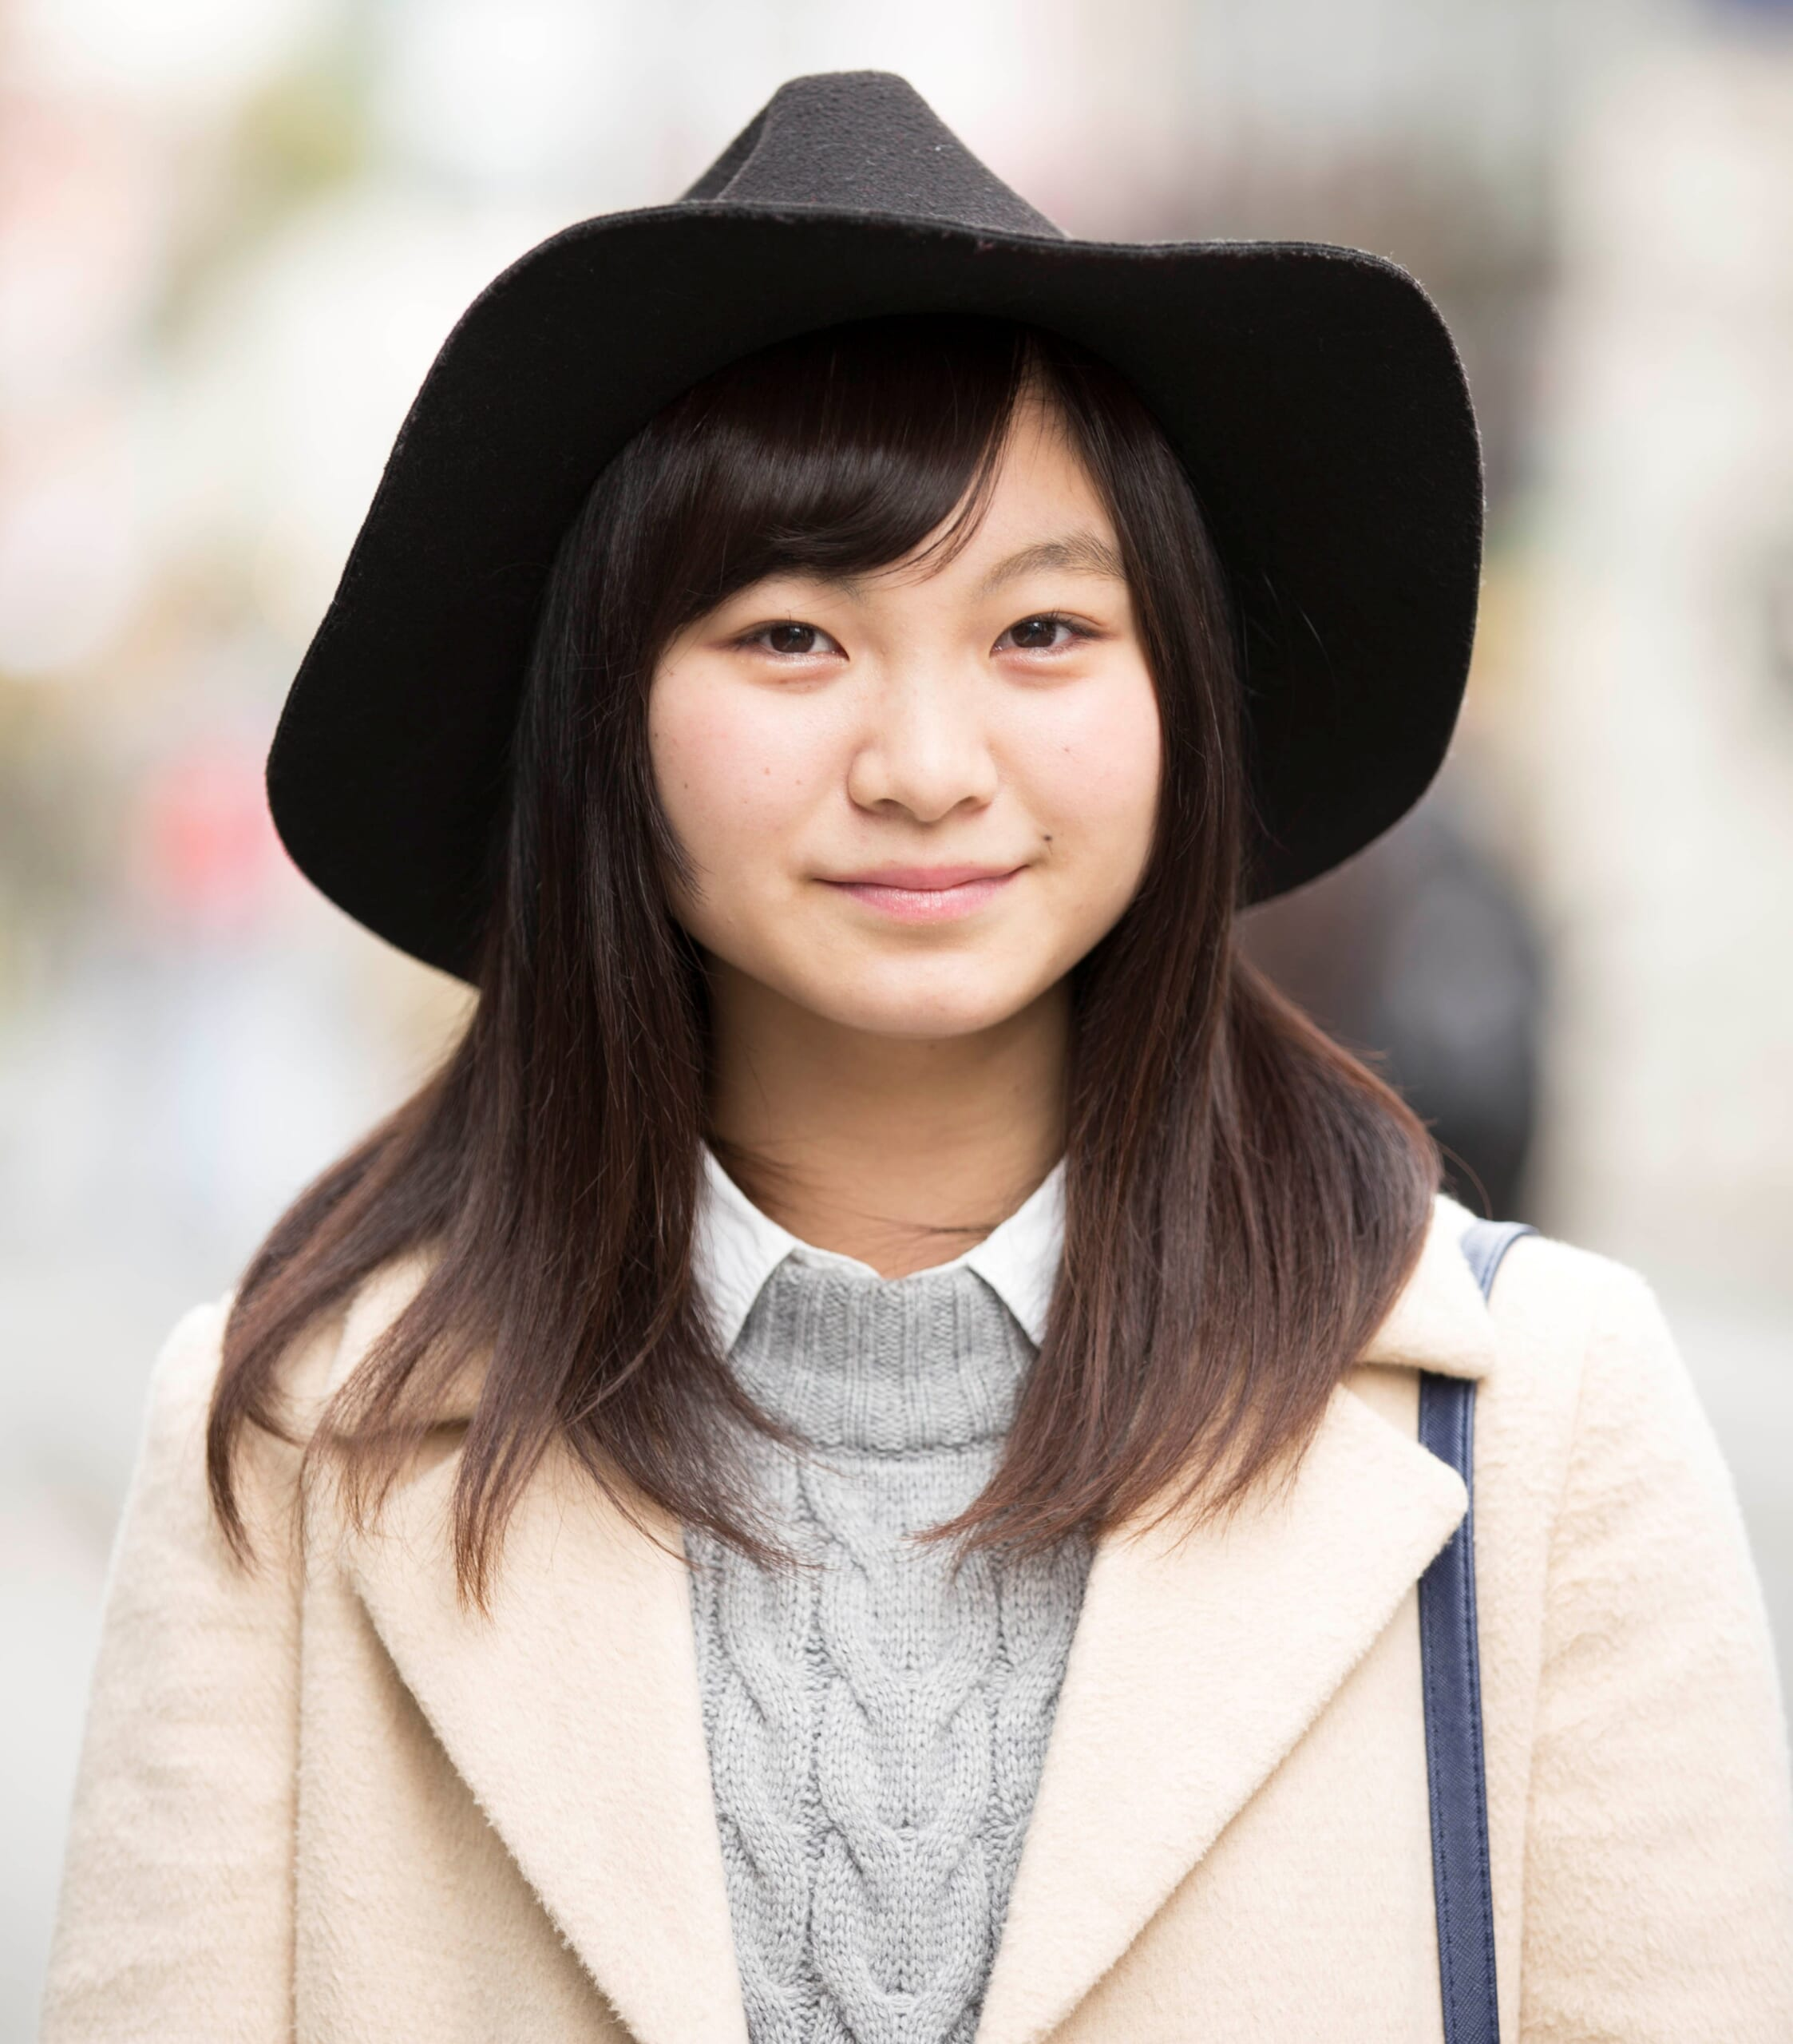 【女子SNAP】SJ美女図鑑<br />モードな雰囲気 プラス ロリ顔にドッキリ♡<br />田中穂南さん